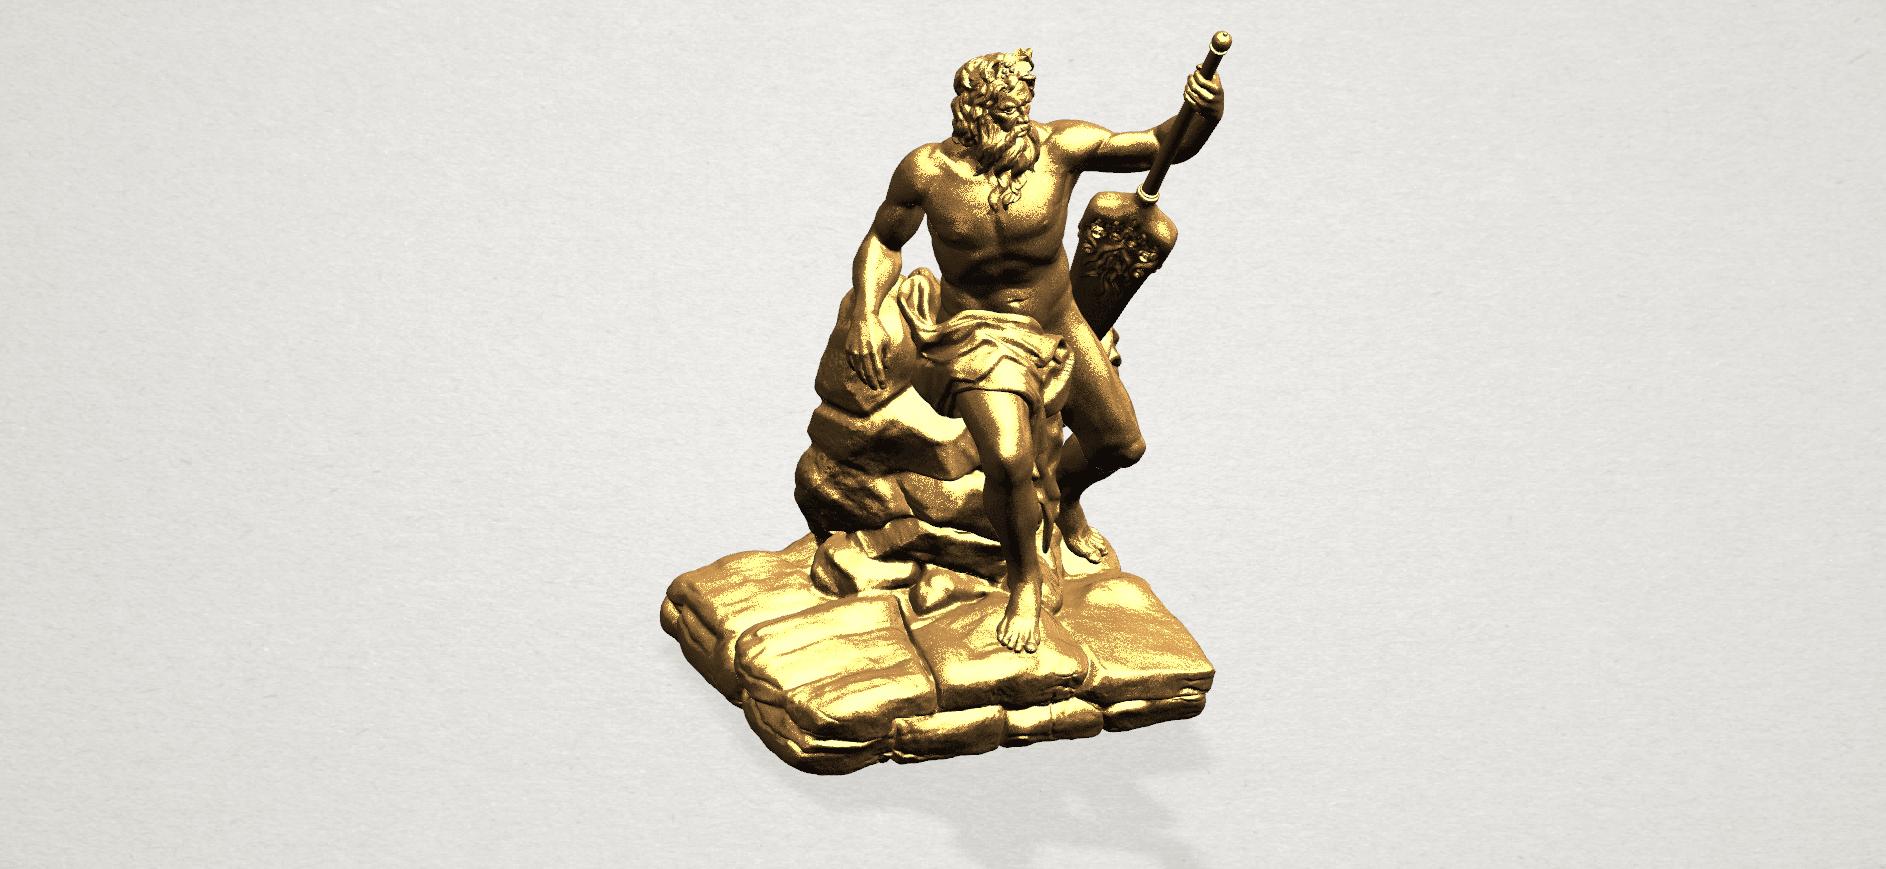 Naked Warrior A08.png Télécharger fichier STL gratuit Guerrier nu • Plan pour impression 3D, GeorgesNikkei